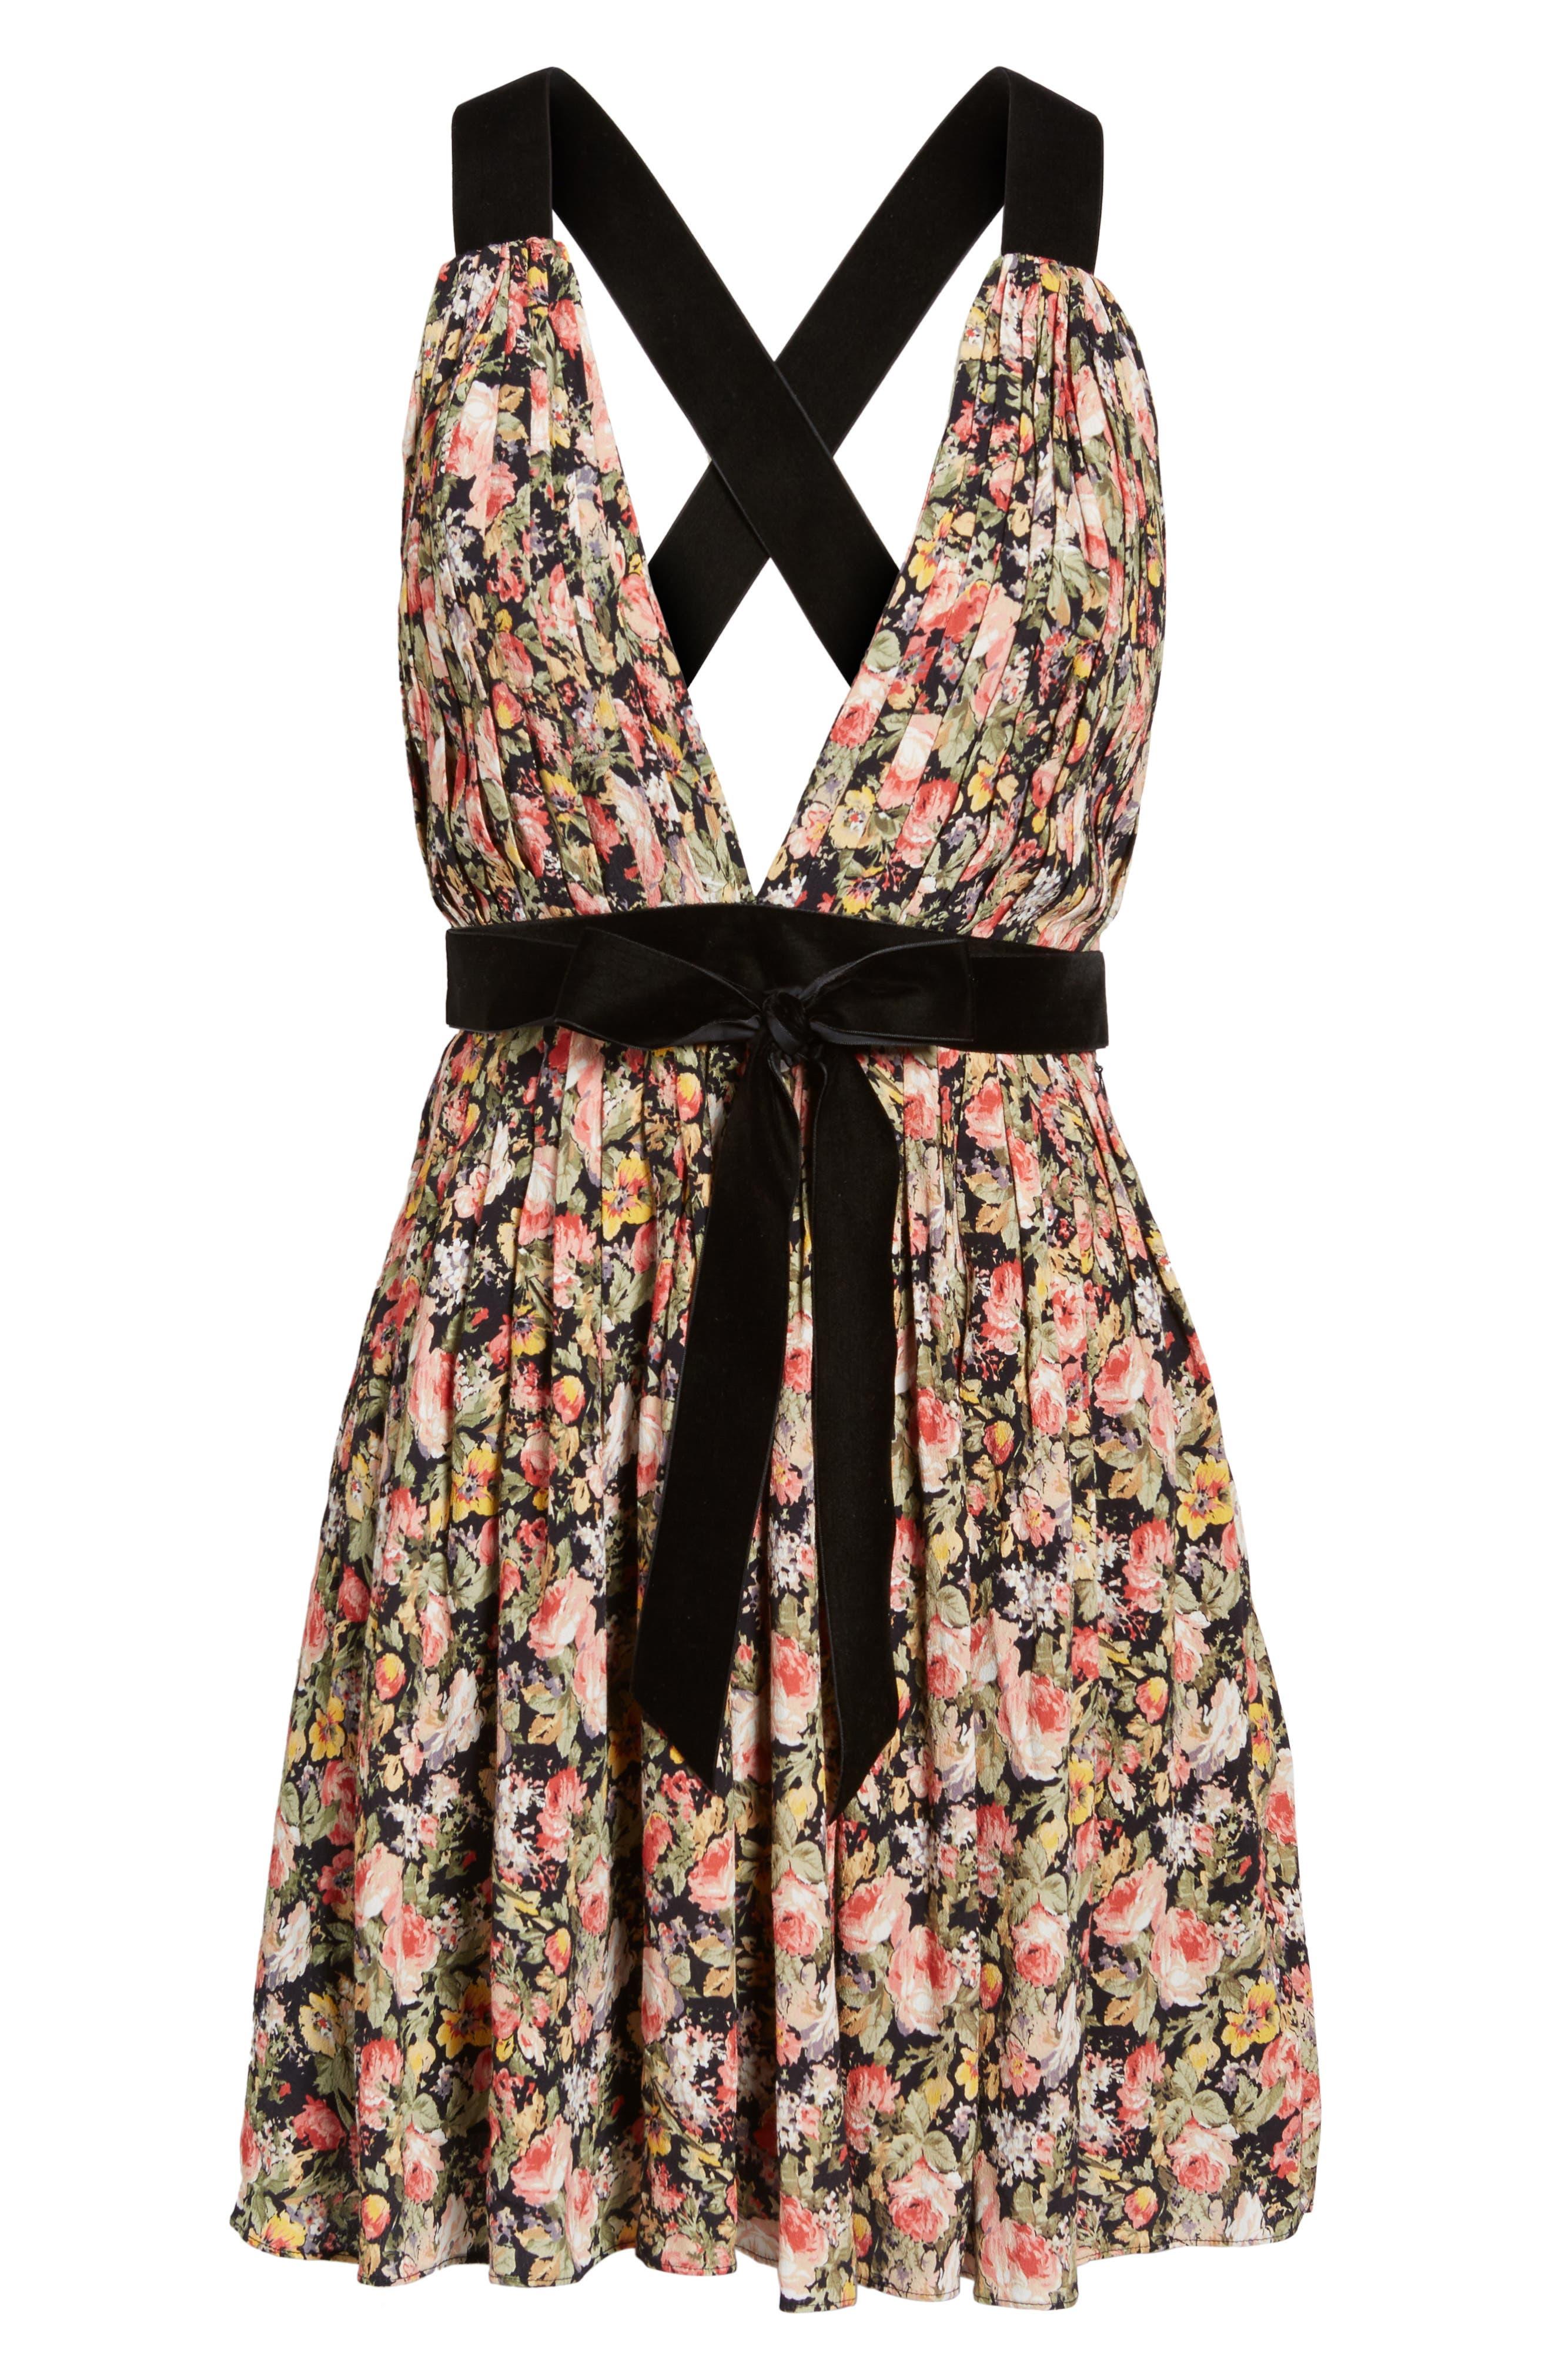 April Floral Minidress,                             Alternate thumbnail 6, color,                             Bouquet